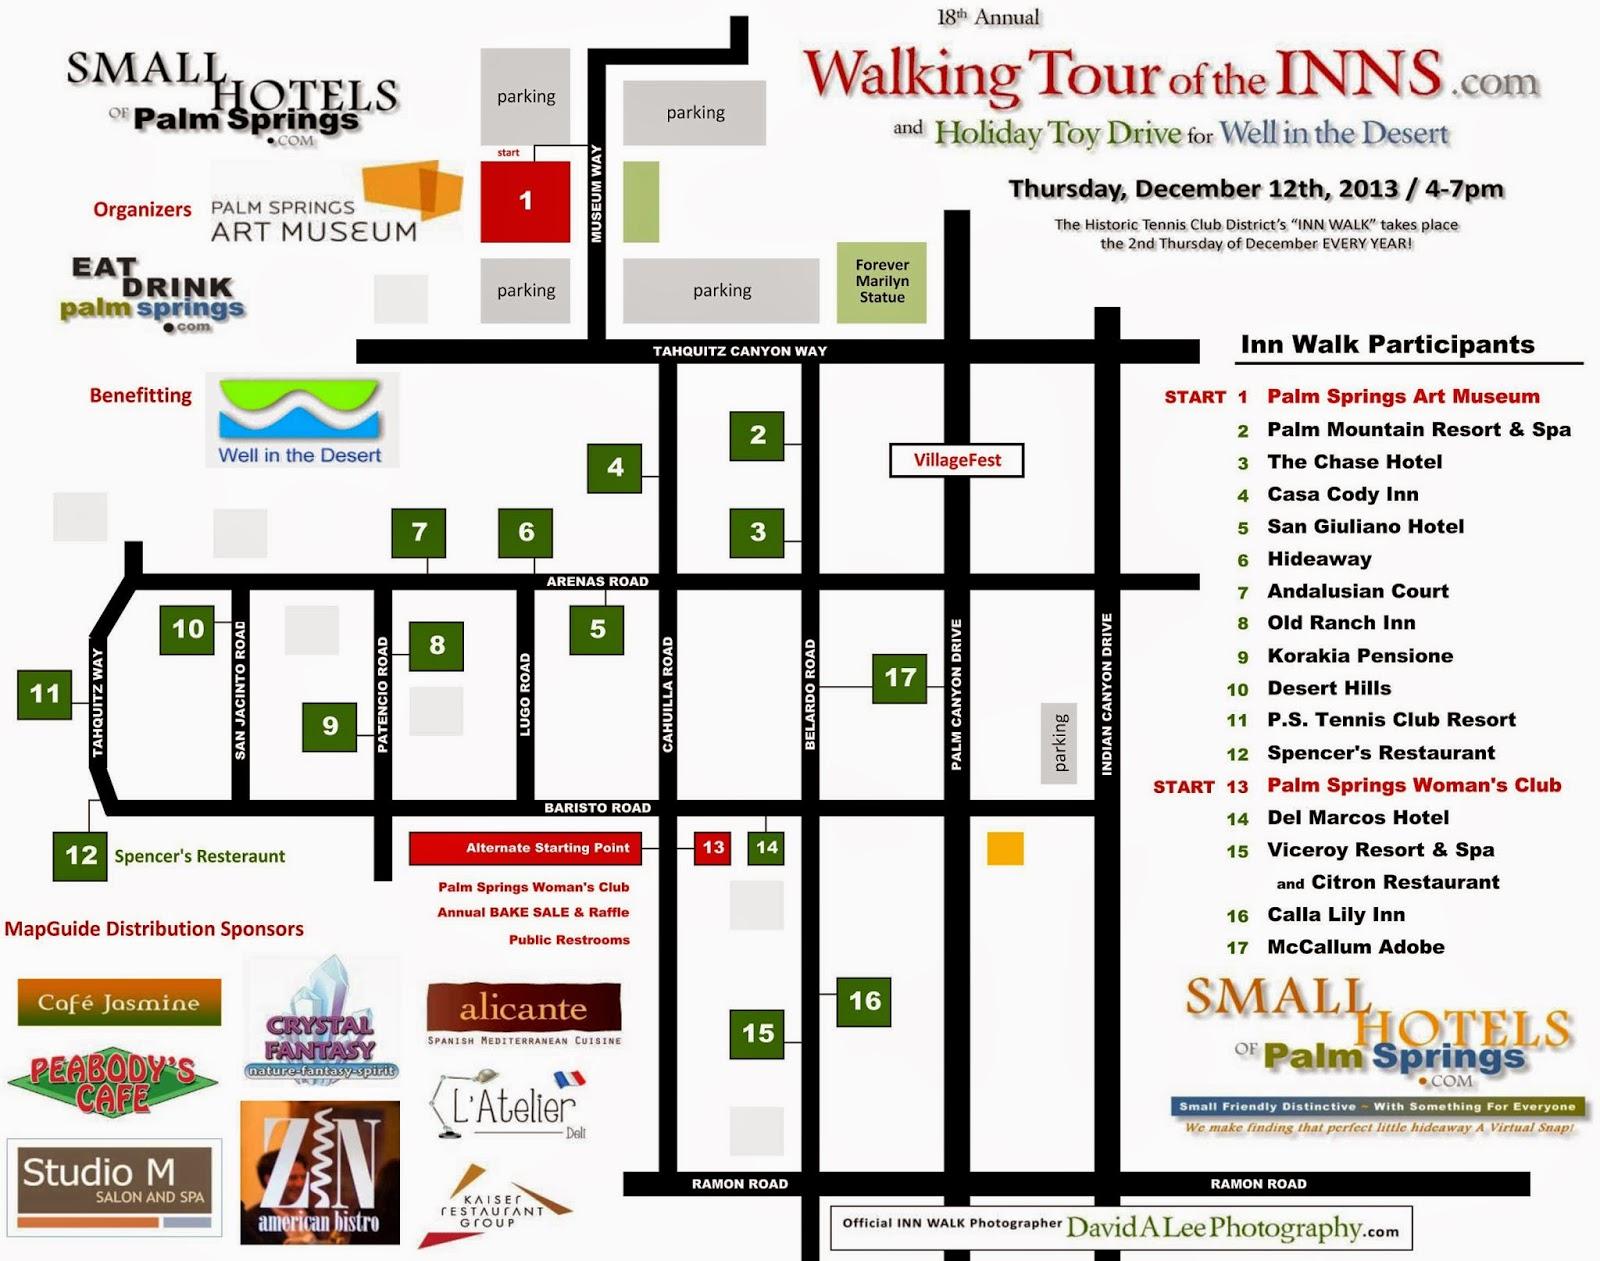 PalmSprings  INN WALK Date: Thursday, December 11th, 2014 / 4-7pm